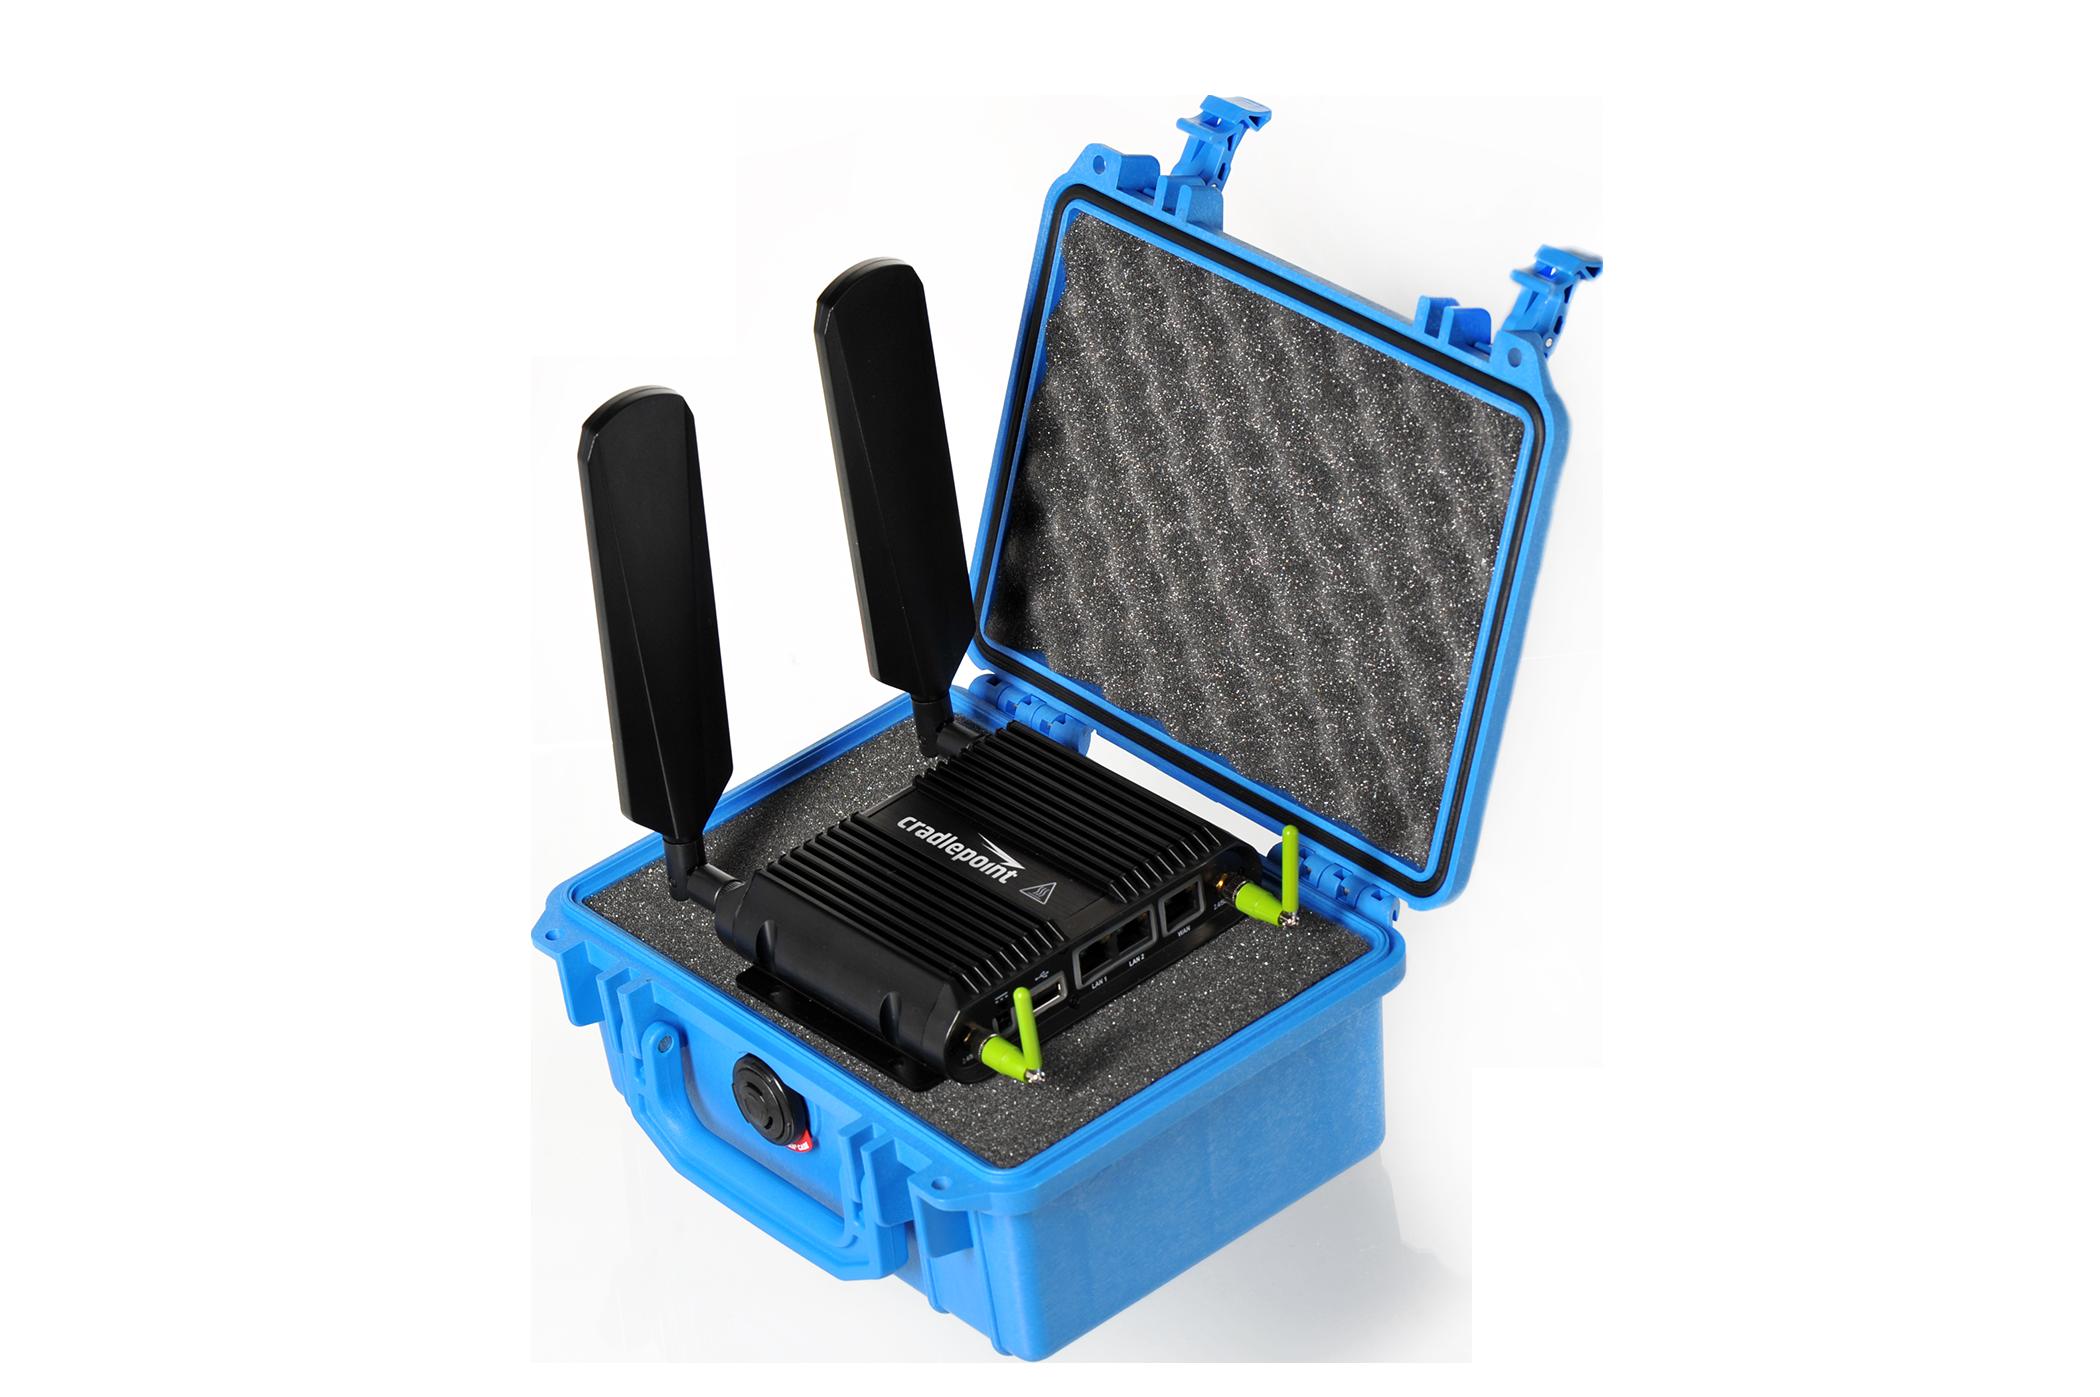 SmartBus 900 Router